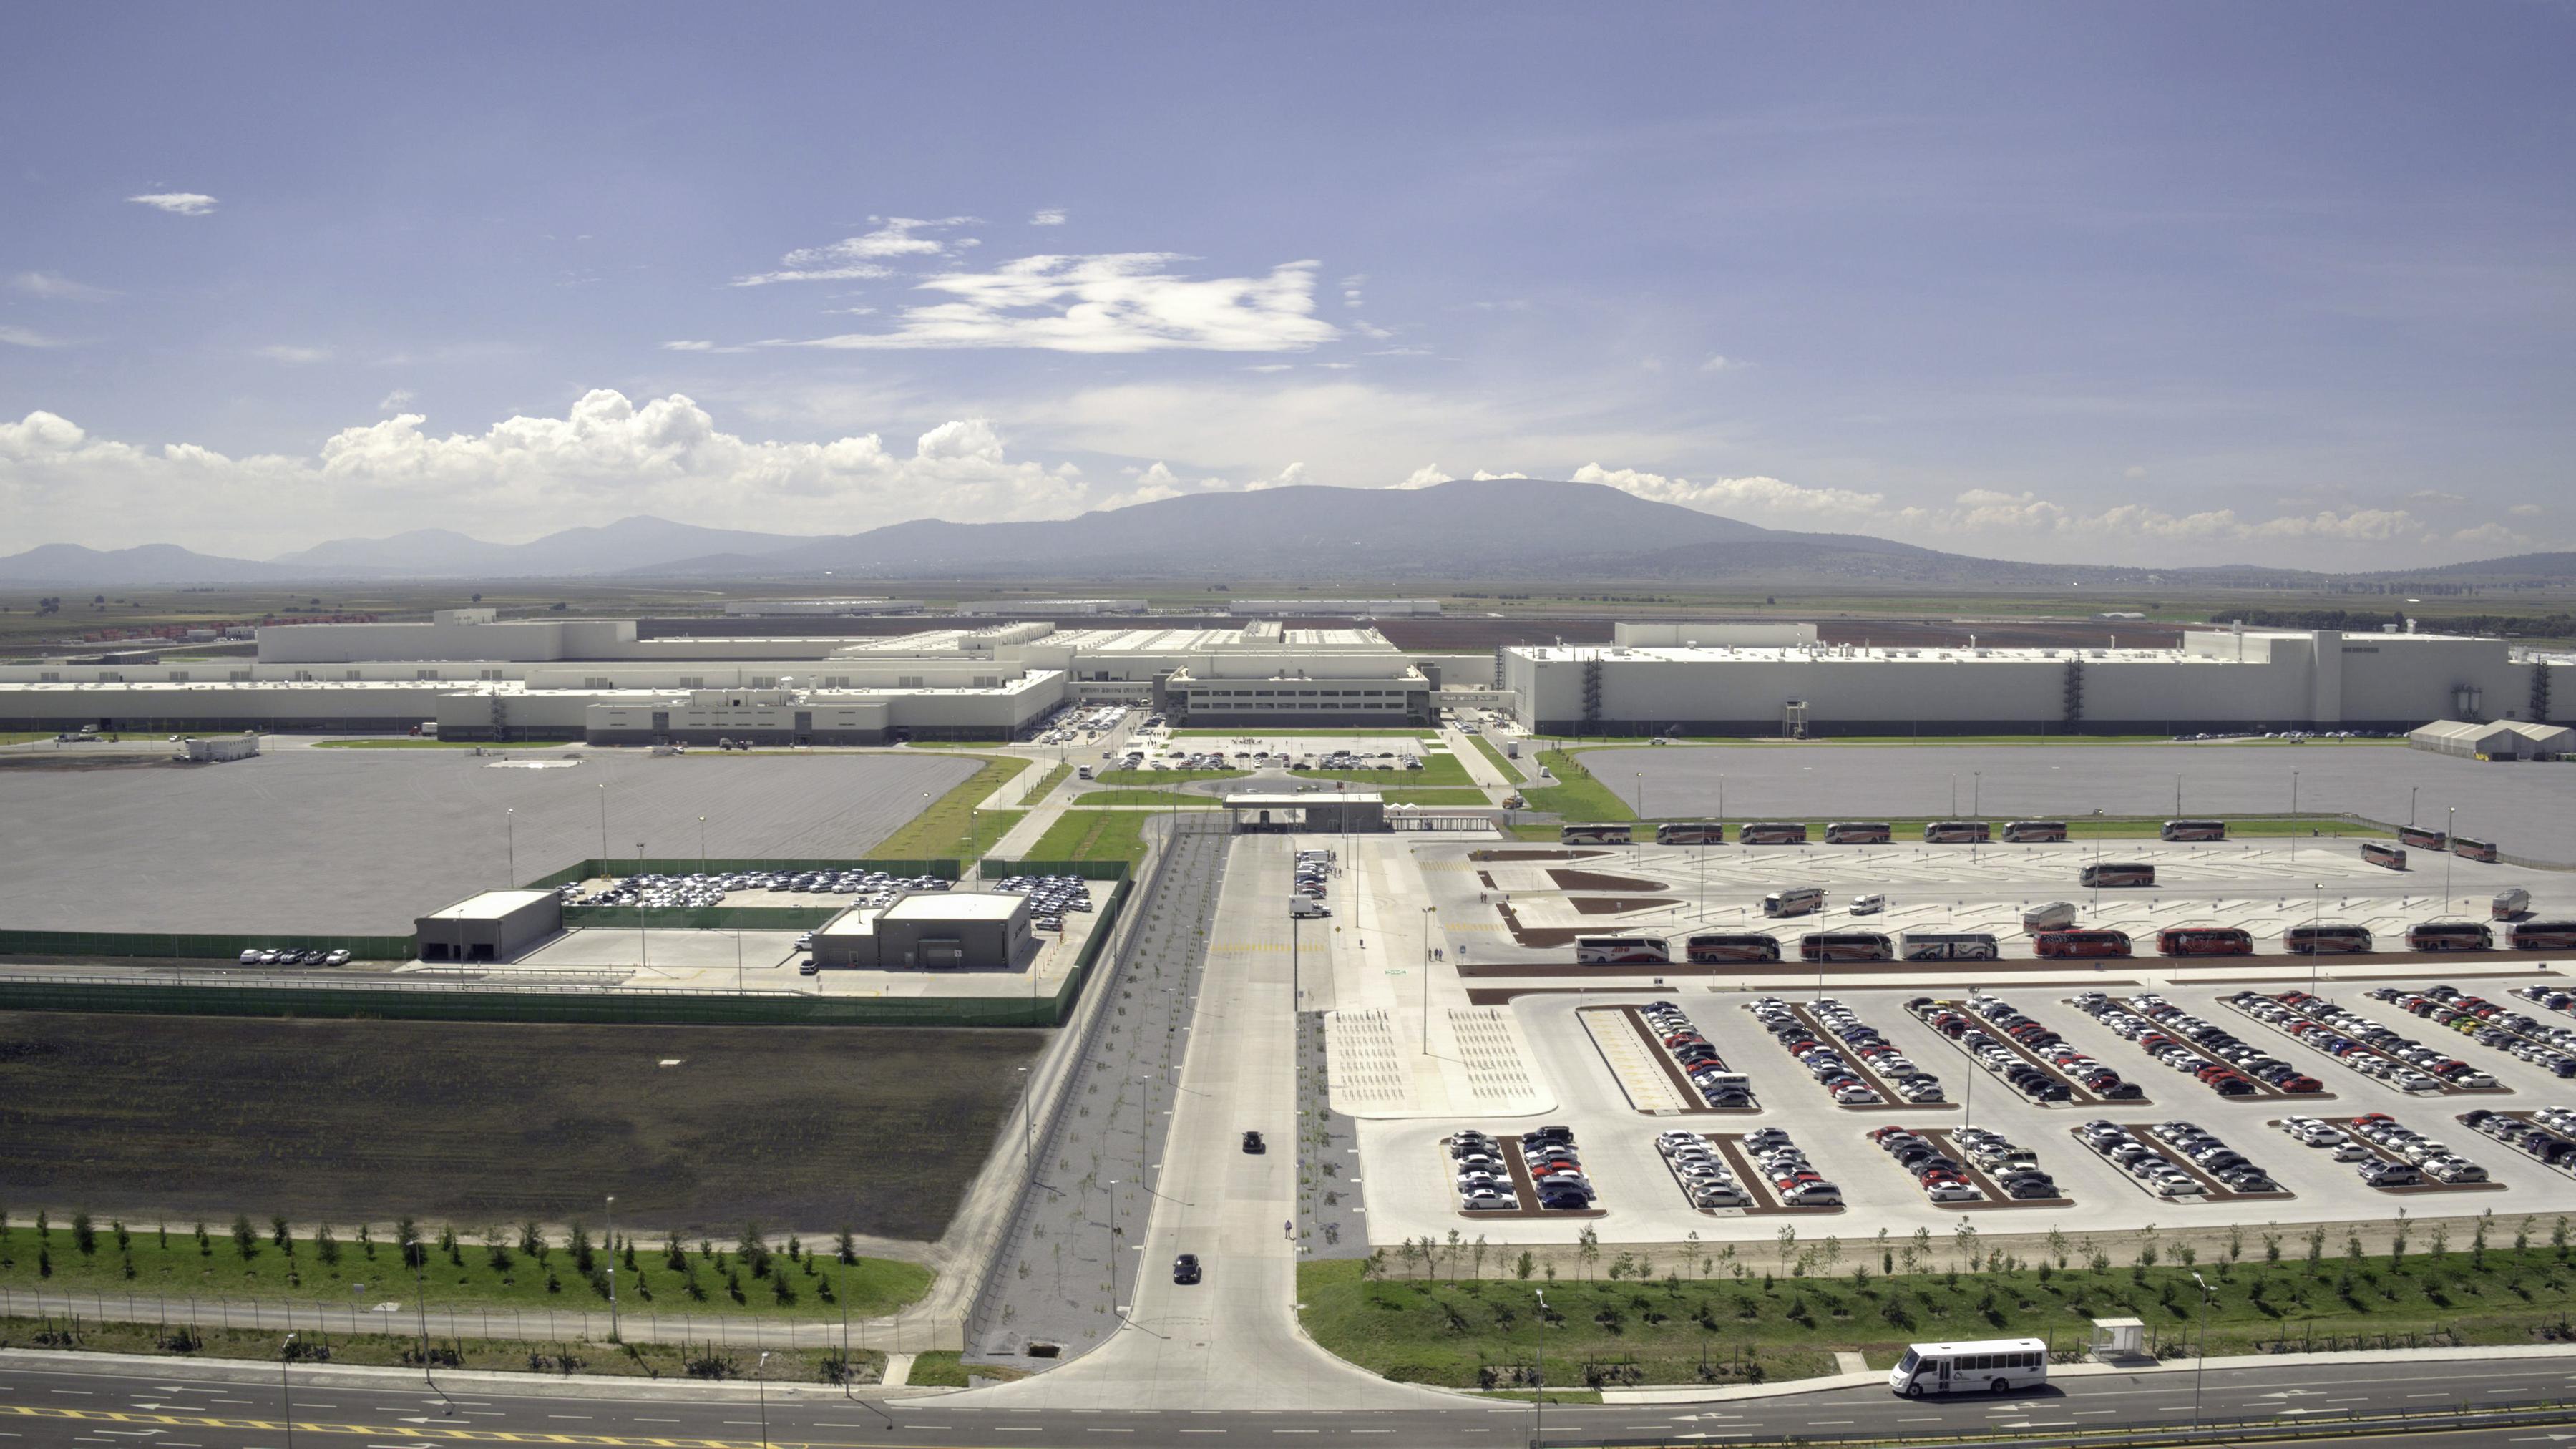 Audi inaugura su planta en San José Chiapa, Puebla, para producir la camioneta Q5.